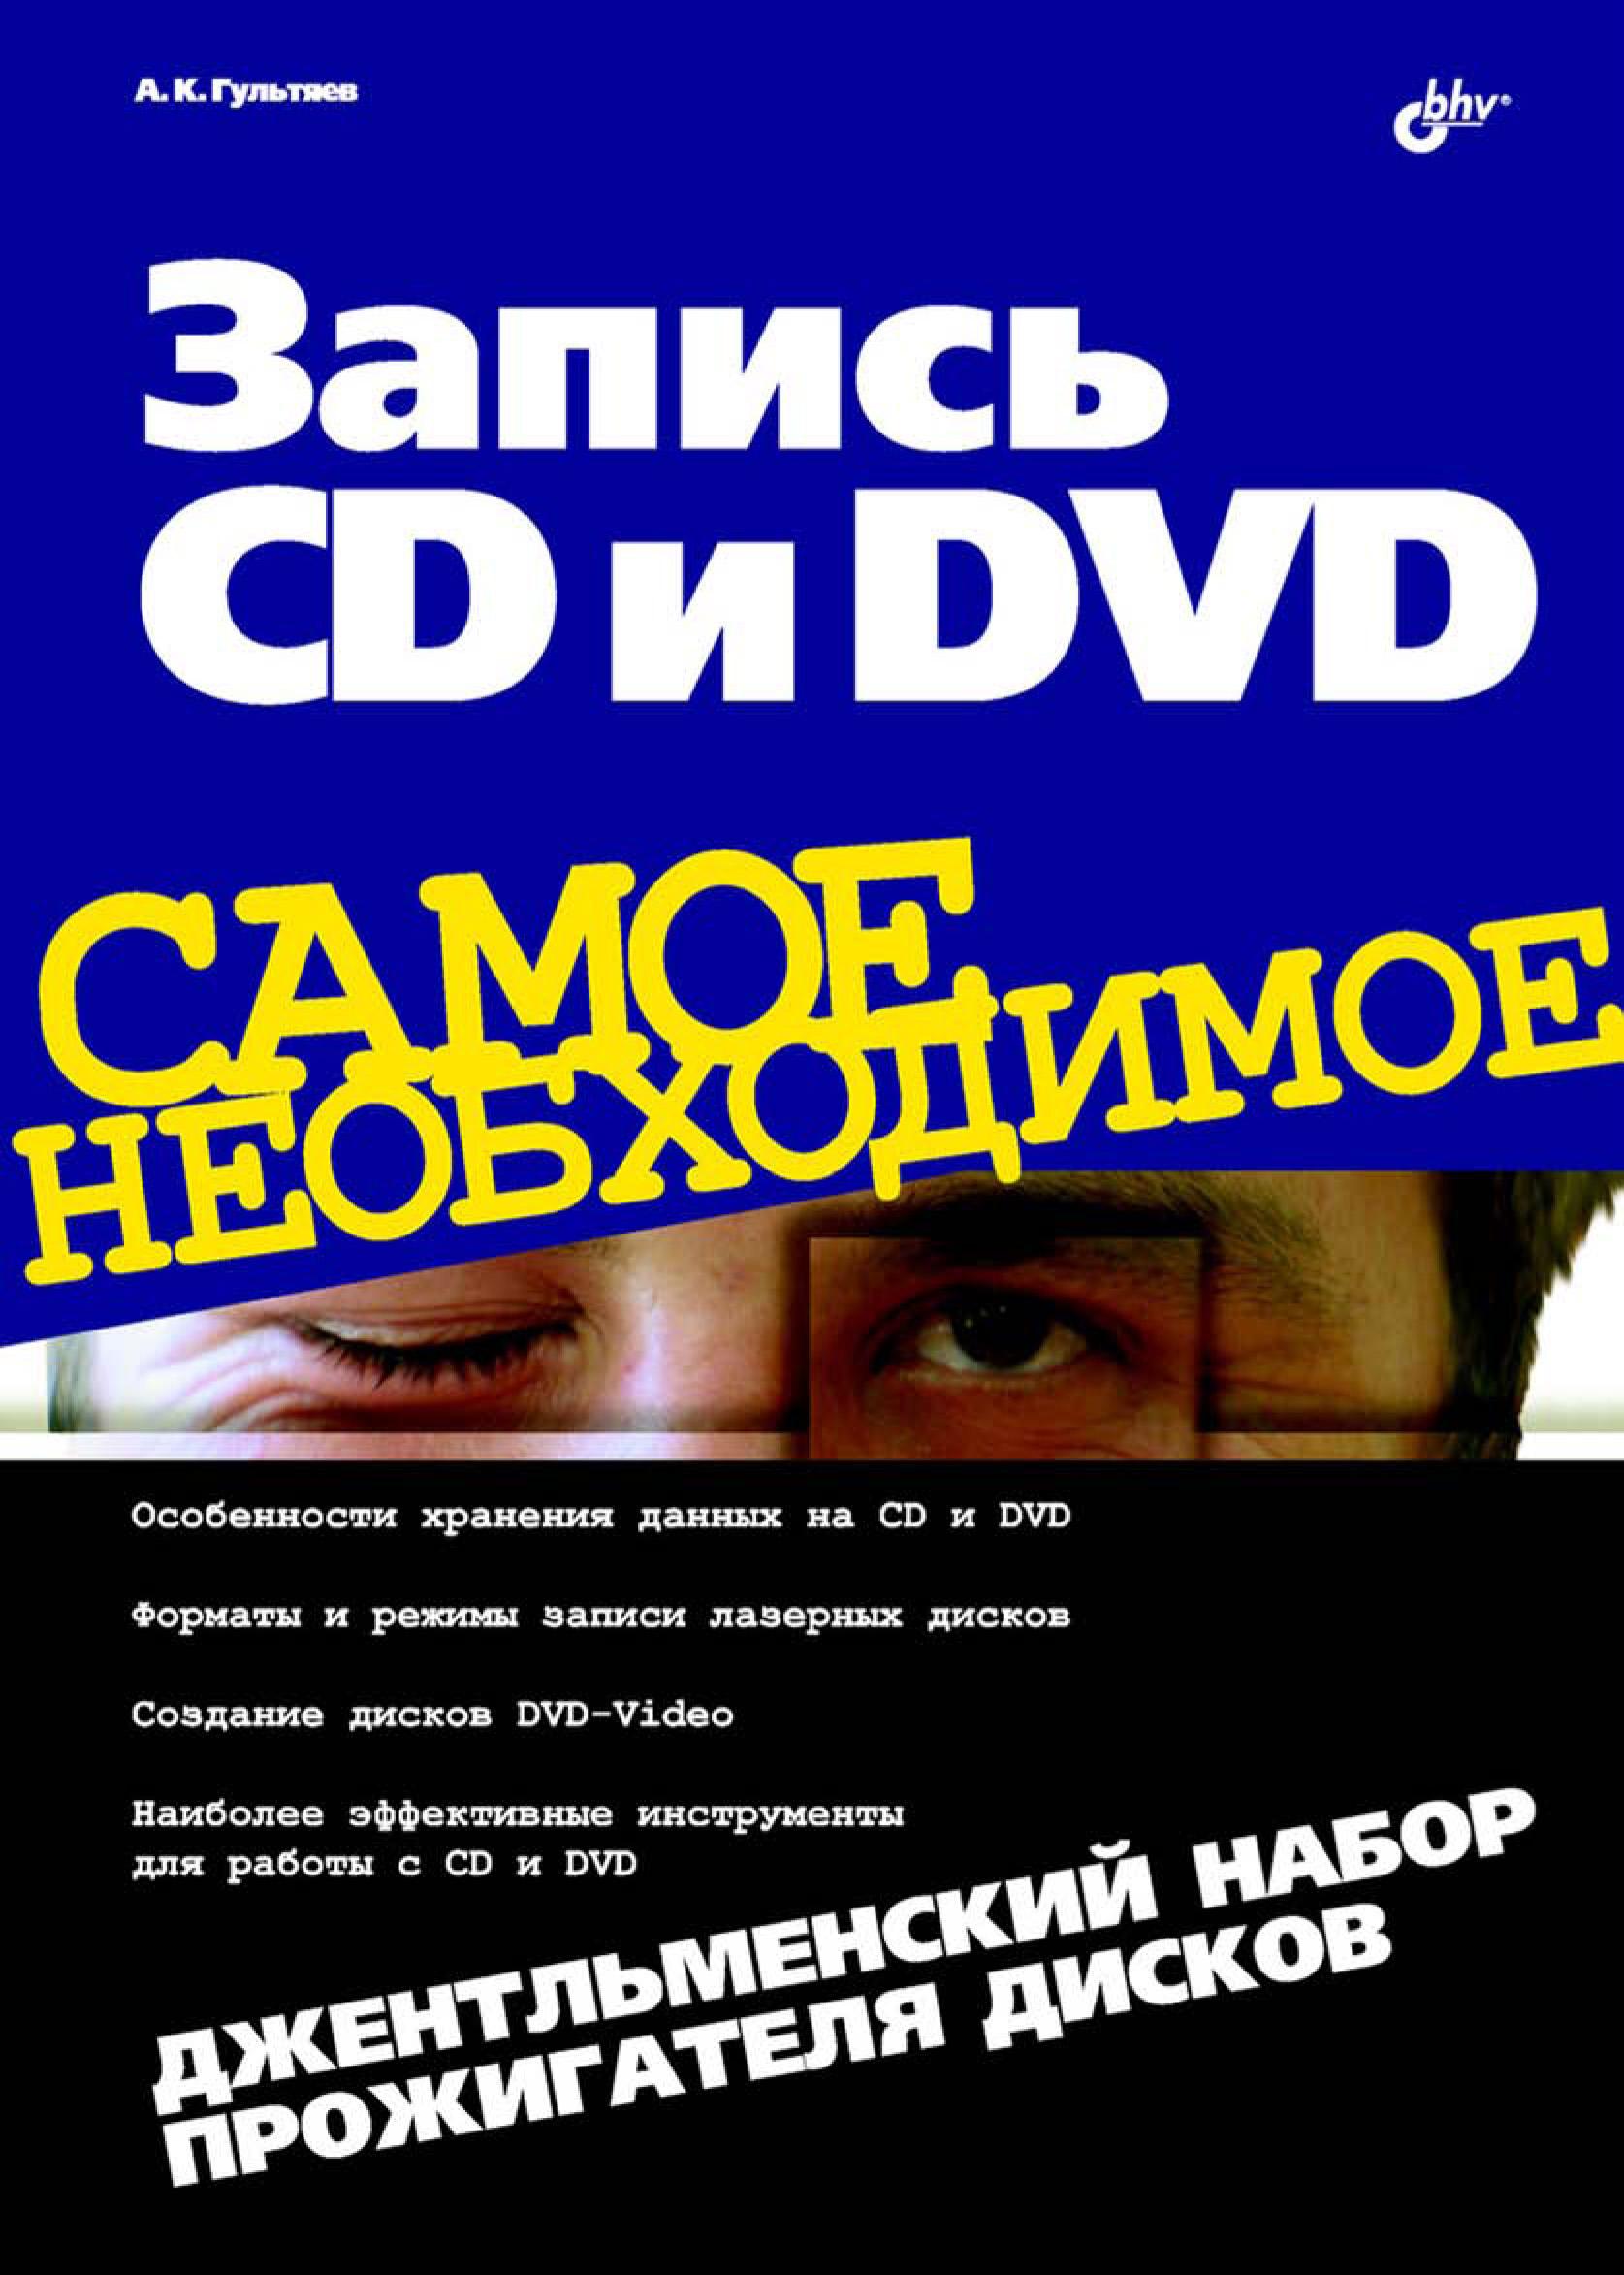 Алексей Гультяев Запись CD и DVD. Джентльменский набор прожигателя дисков музыка cd dvd cctv cd dsd